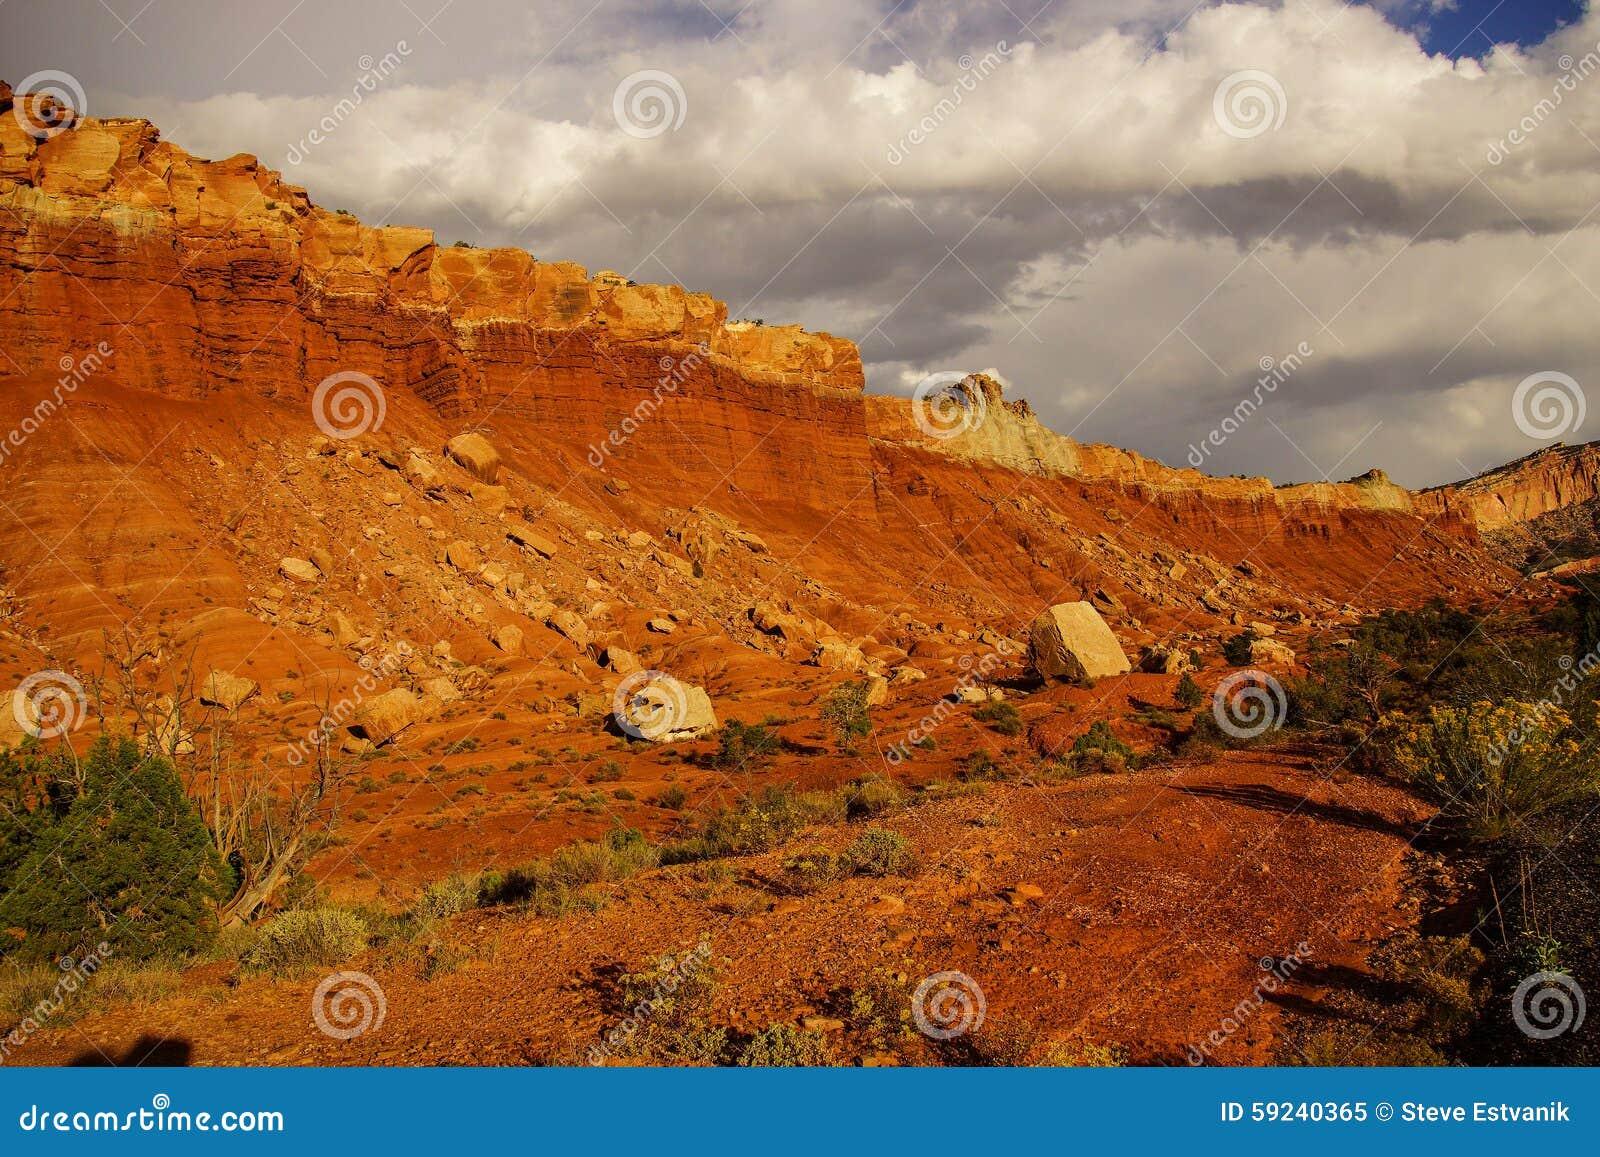 El trono de oro brilla intensamente con hacer excursionismo dramático